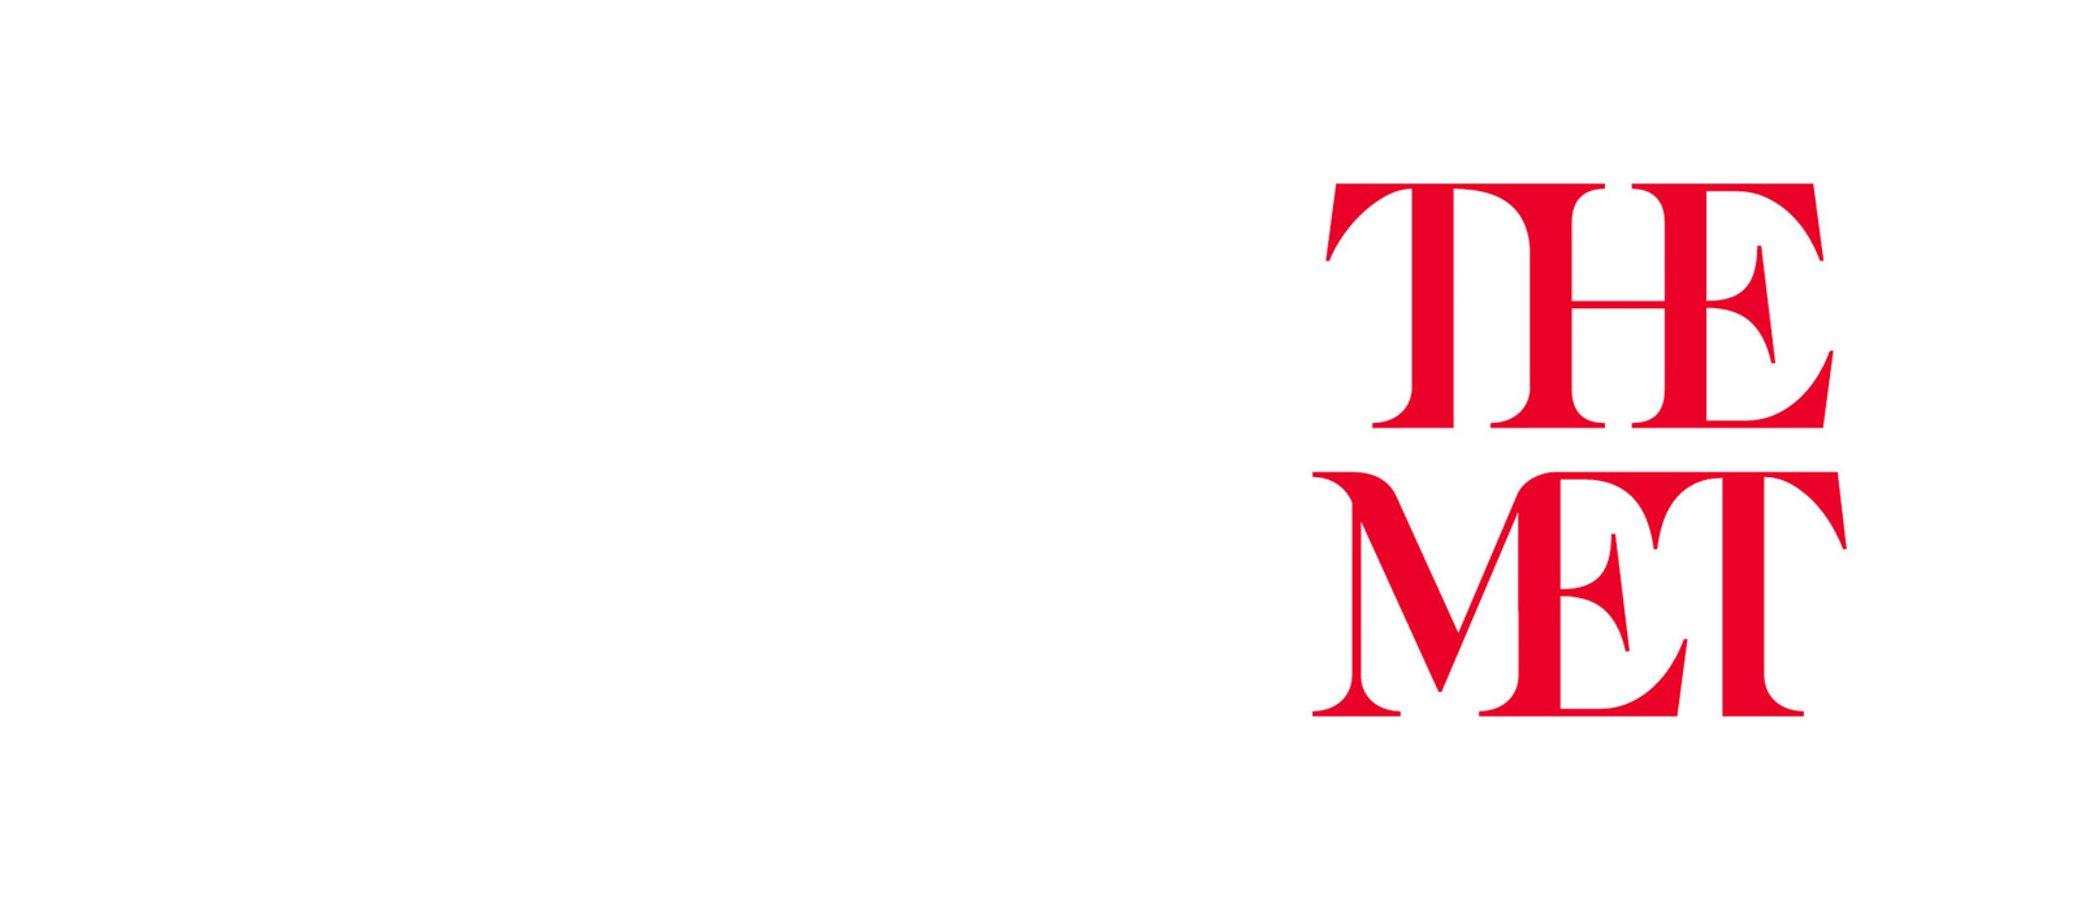 La Met Gala 2019 ya tiene temática: 'Camp: Notes on Fashion', cuando las cosas molestan y gustan a la vez